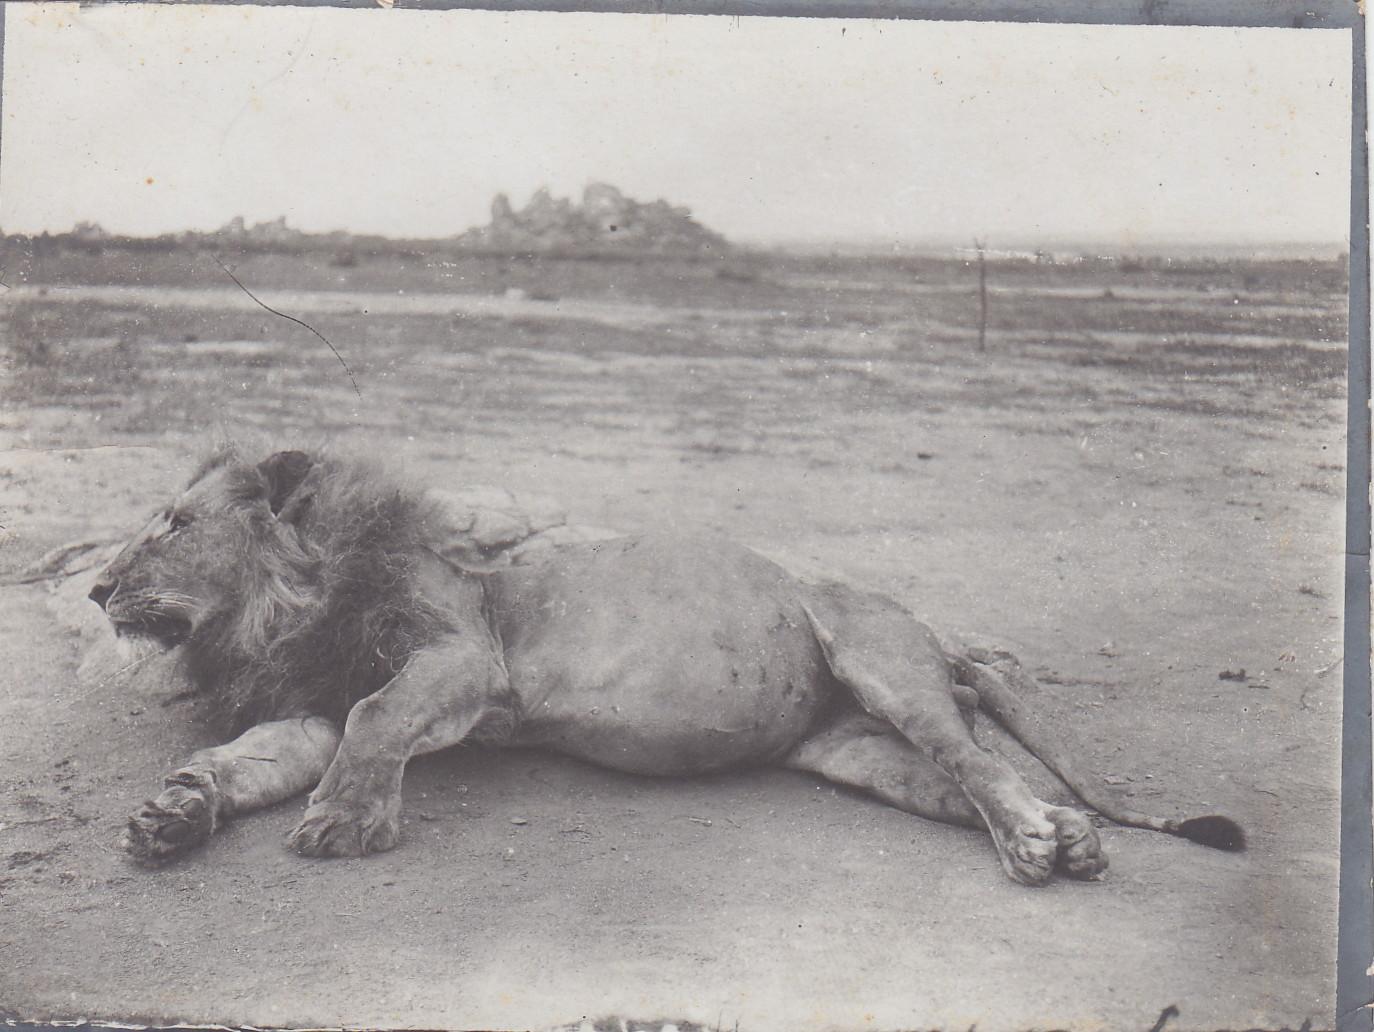 Erlegter Löwe in der Nähe von Ujidji - Tanganjika-See